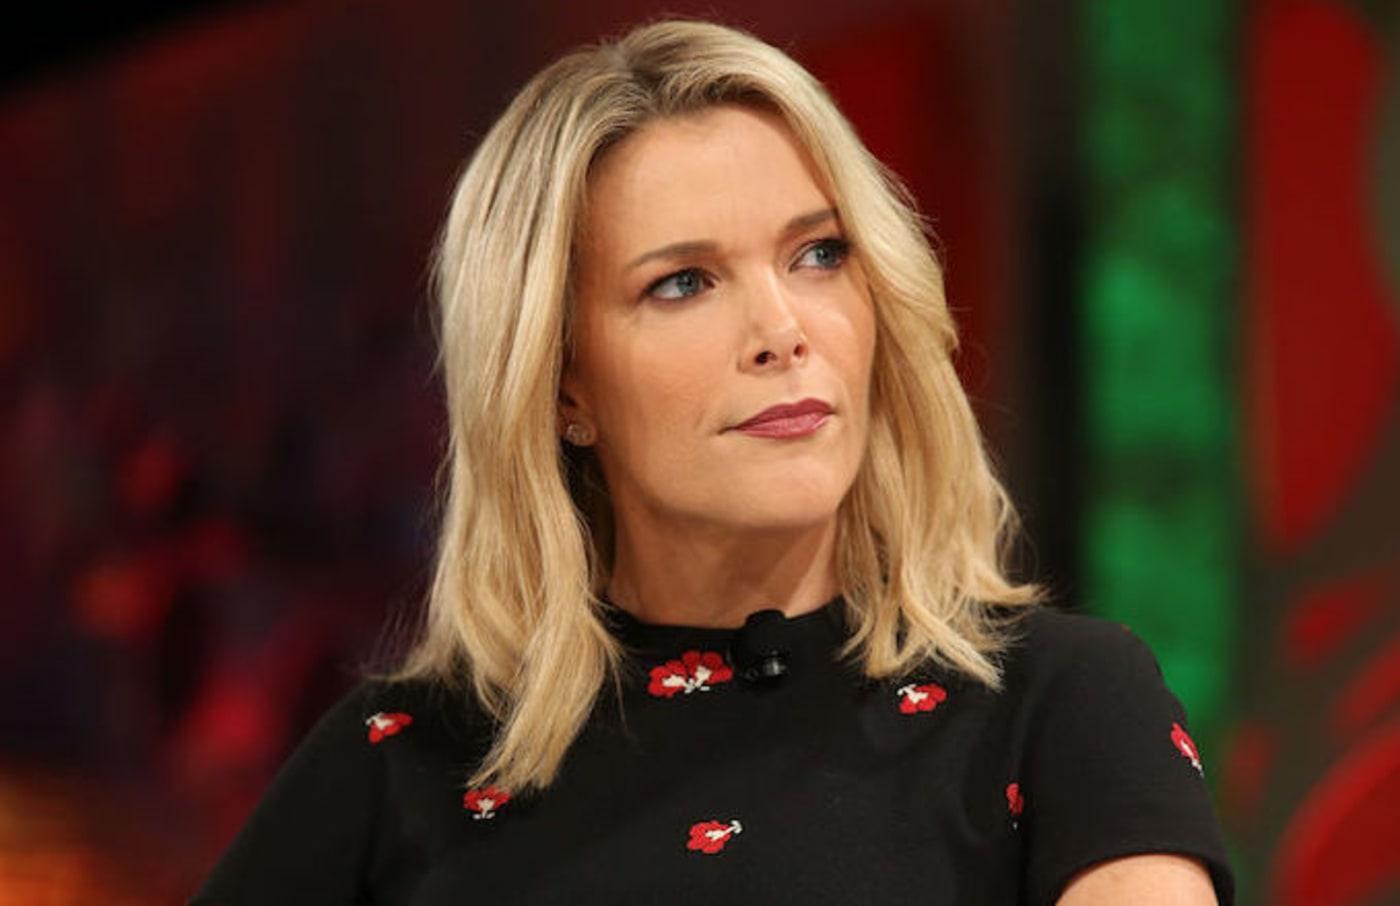 Megyn Kelly fired